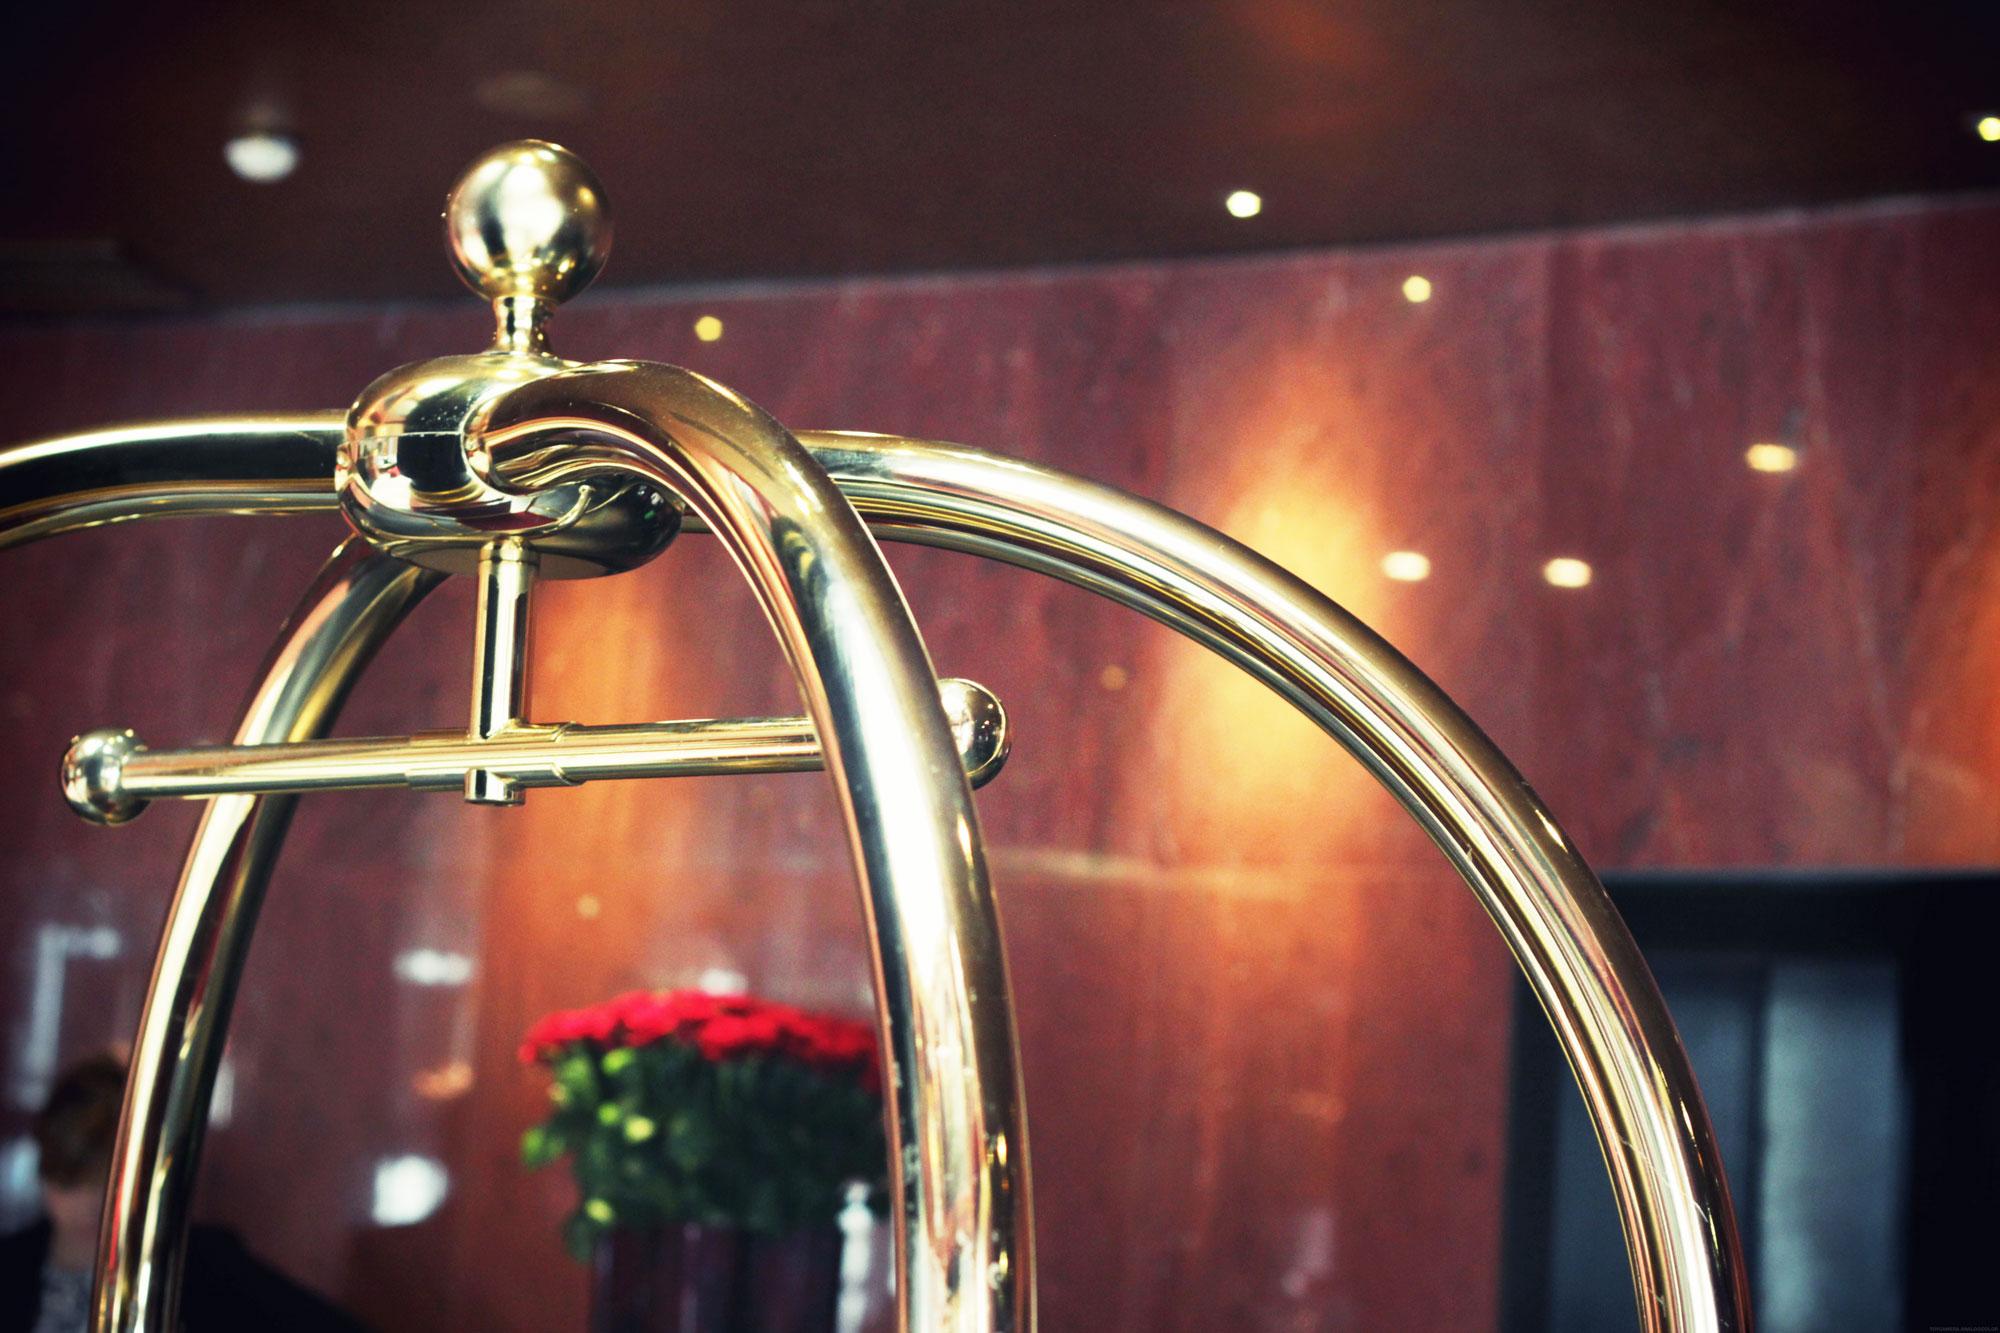 H tels de luxe week end 5 toiles petit prix happy city - Hotel de luxe a prix casse ...